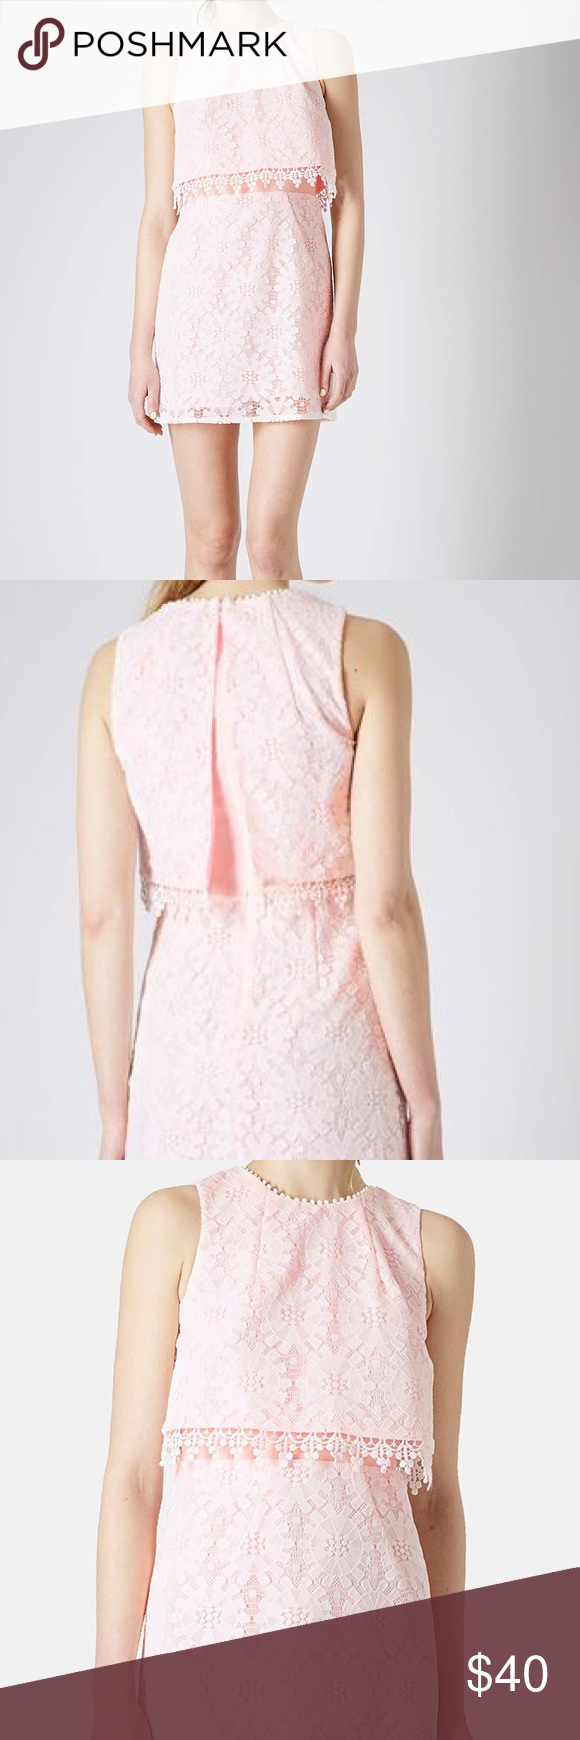 Pink dress topshop  Topshop crop dress light pink lace dress size   Crop dress Pink